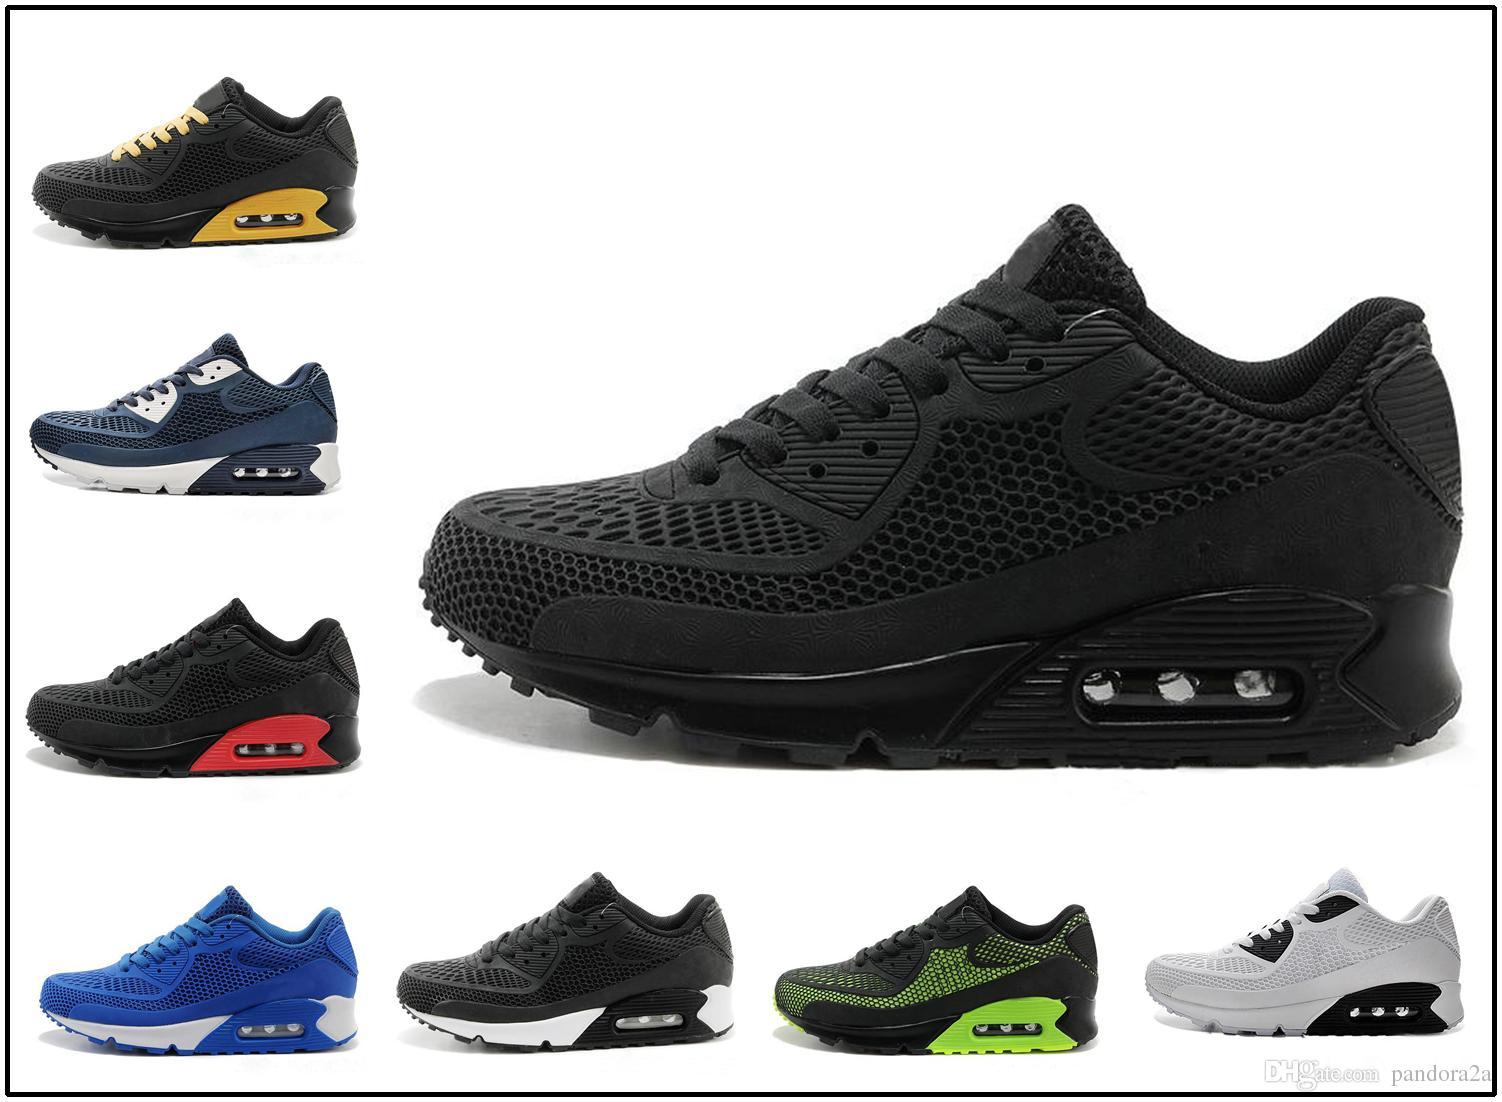 new styles 872c2 5857b Acheter Nike Air Max Airmax 90 Kpu 2018 Nouveau Chaussures De Course  Coussin 90 KPU Hommes Femmes Baskets De Haute Qualité Pas Cher Tous Noir  Chaussure ...